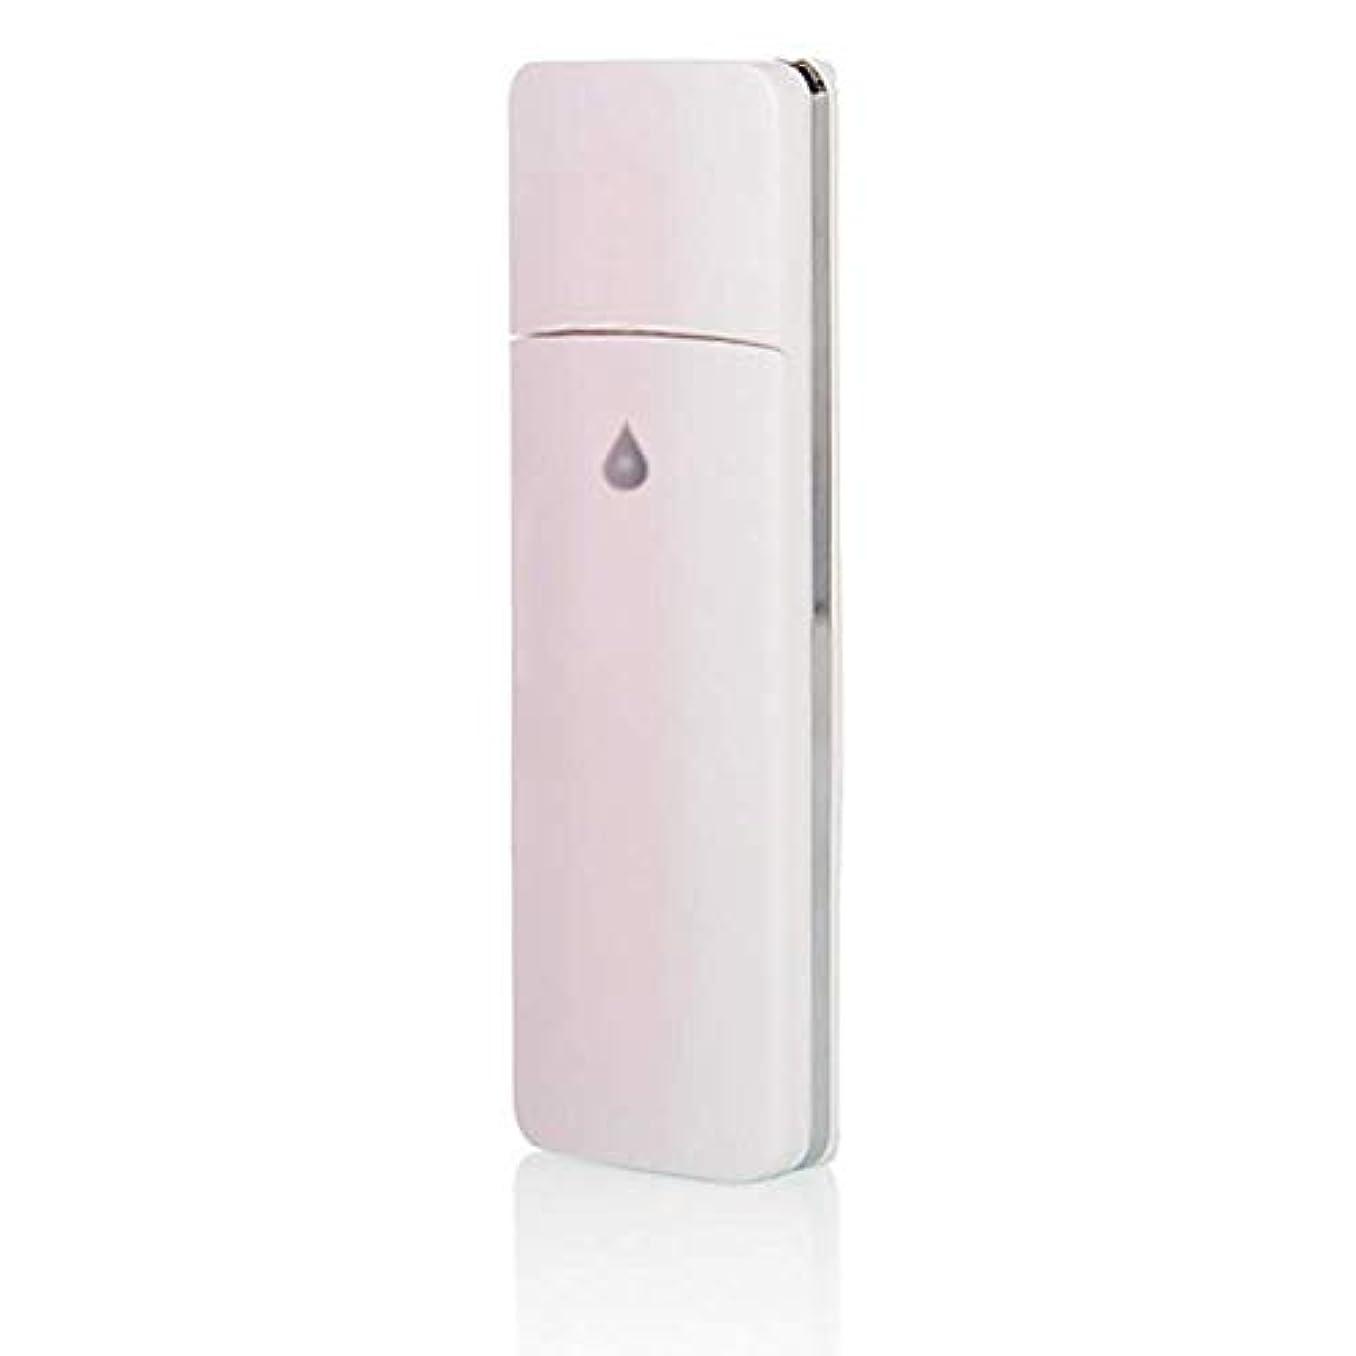 彫刻別に死の顎Nano Mister Handy Moisturizing Mist Sprayer、USB Rechargeable Facial Sprayer with Portable Facial Atomization、Nano Sprayer